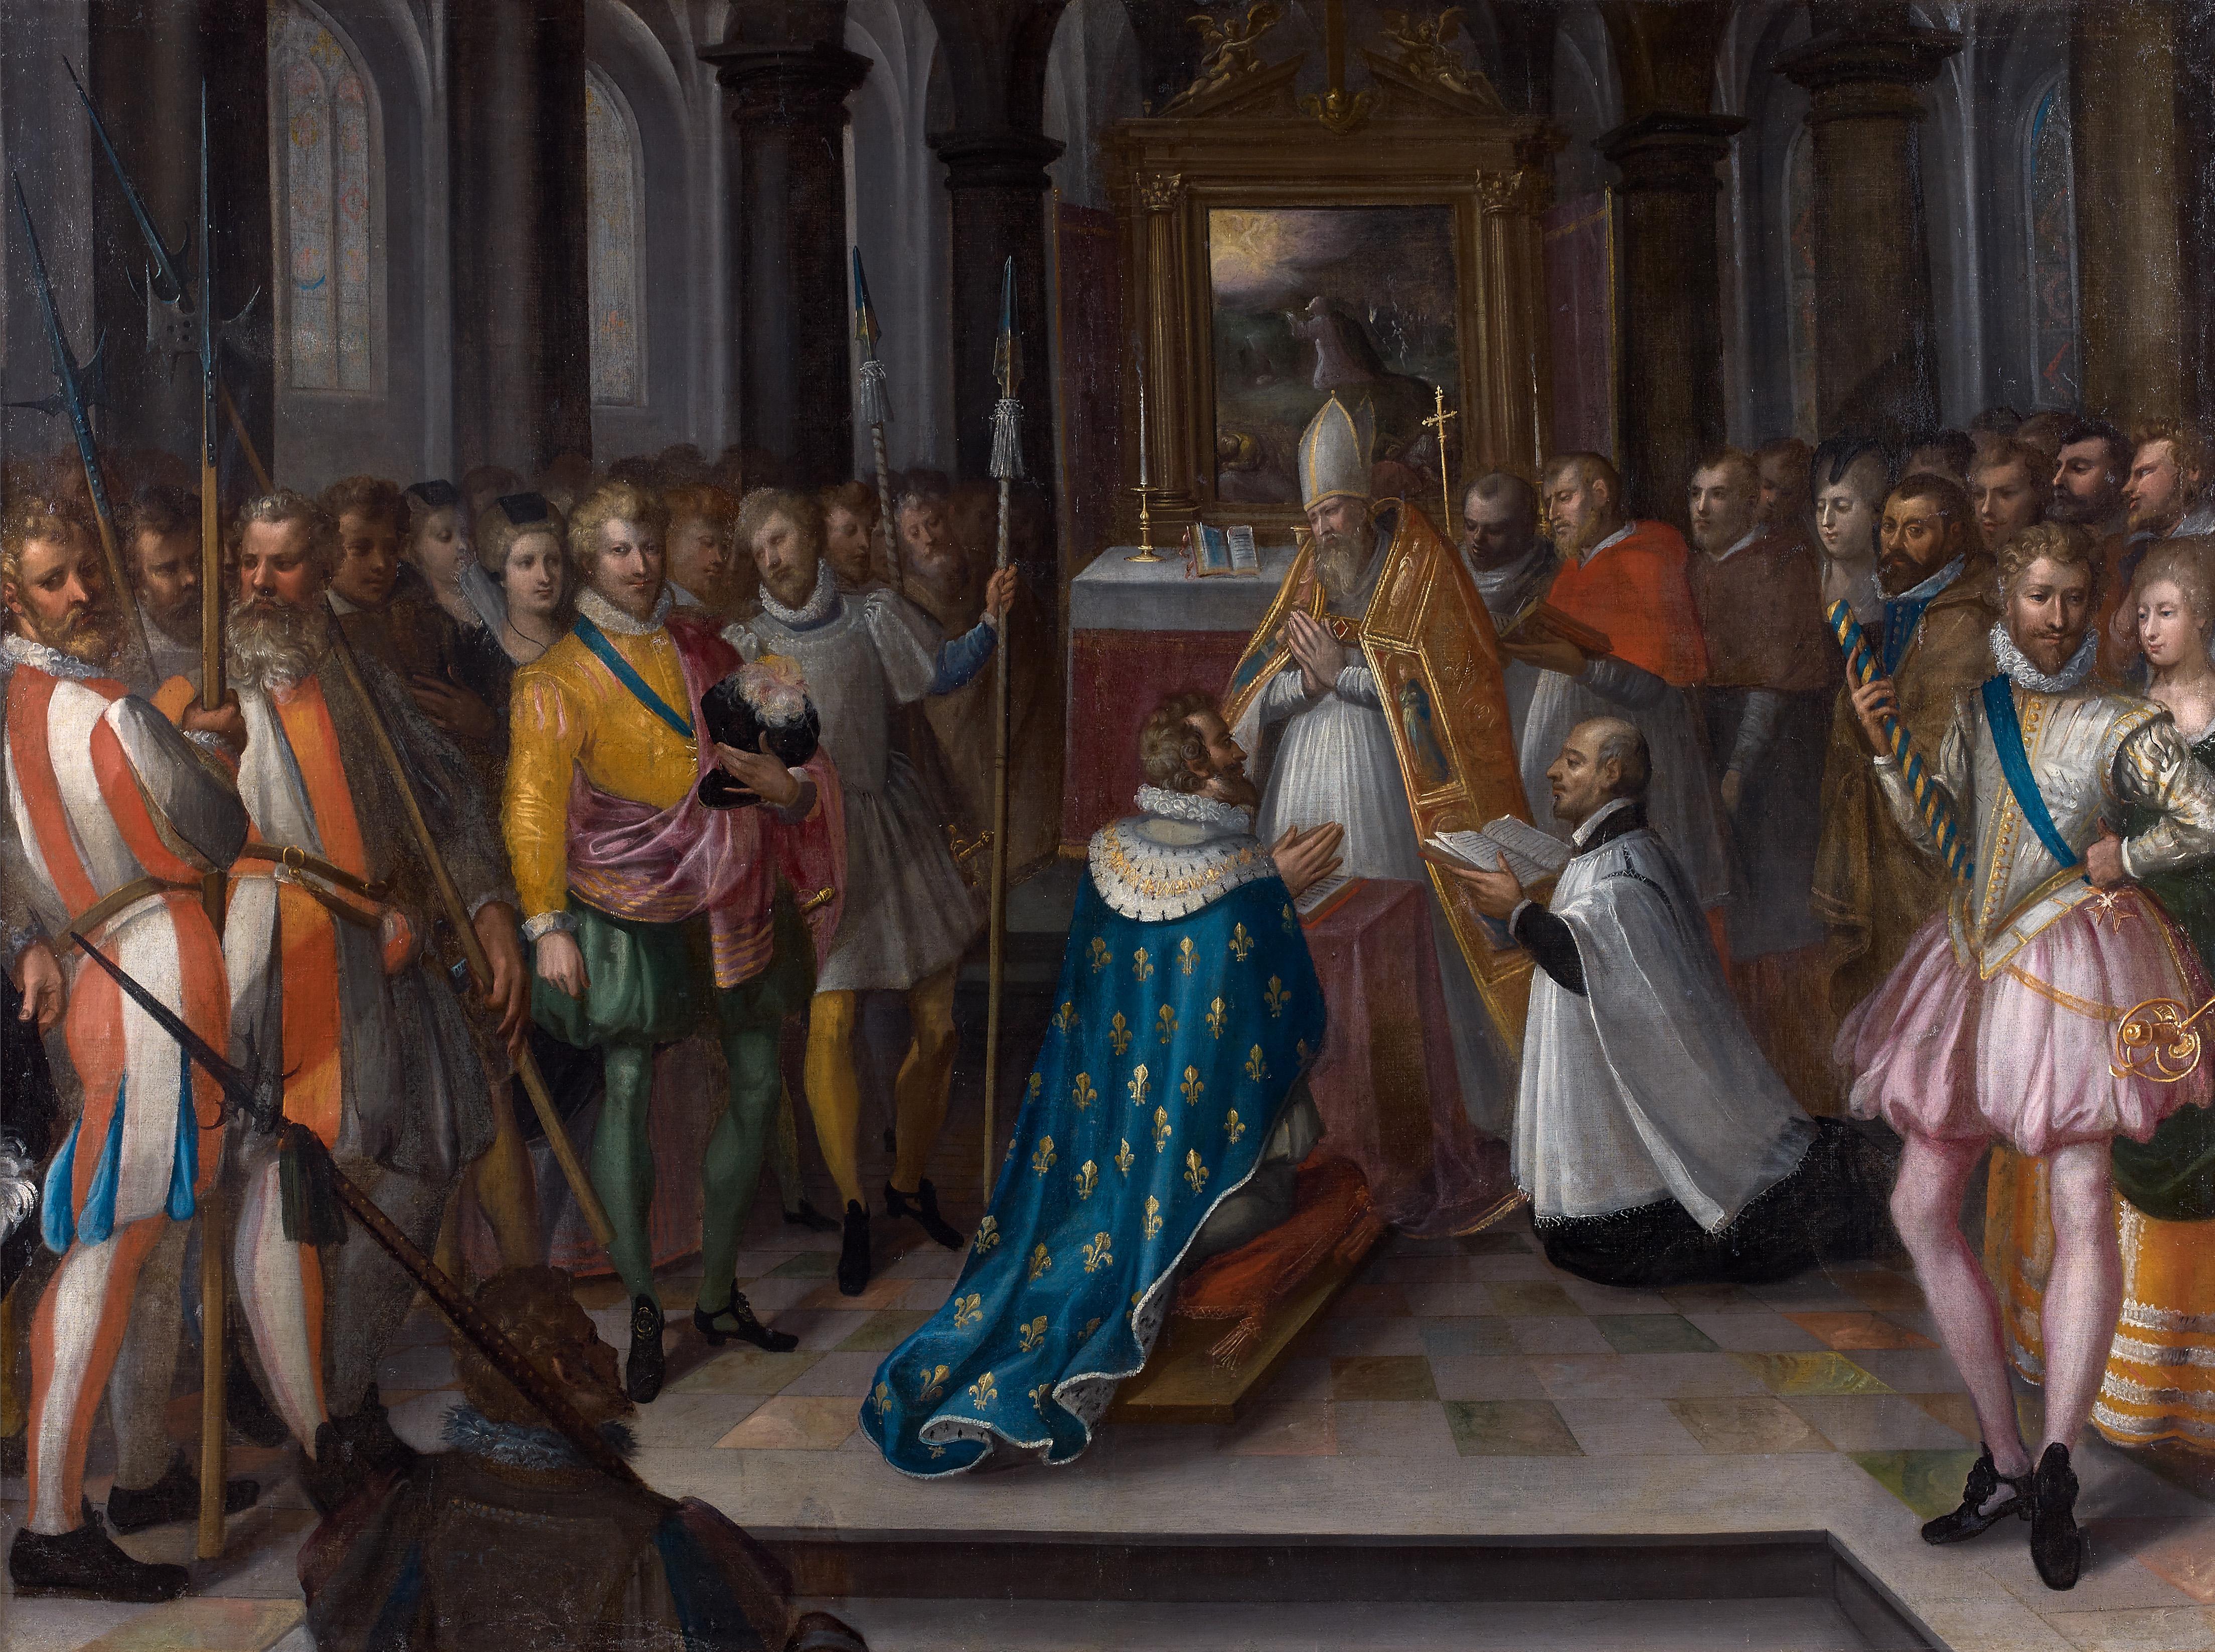 HENRI IV par Nicolas musée_d'art_et_d'histoire_de_meudon.jpg